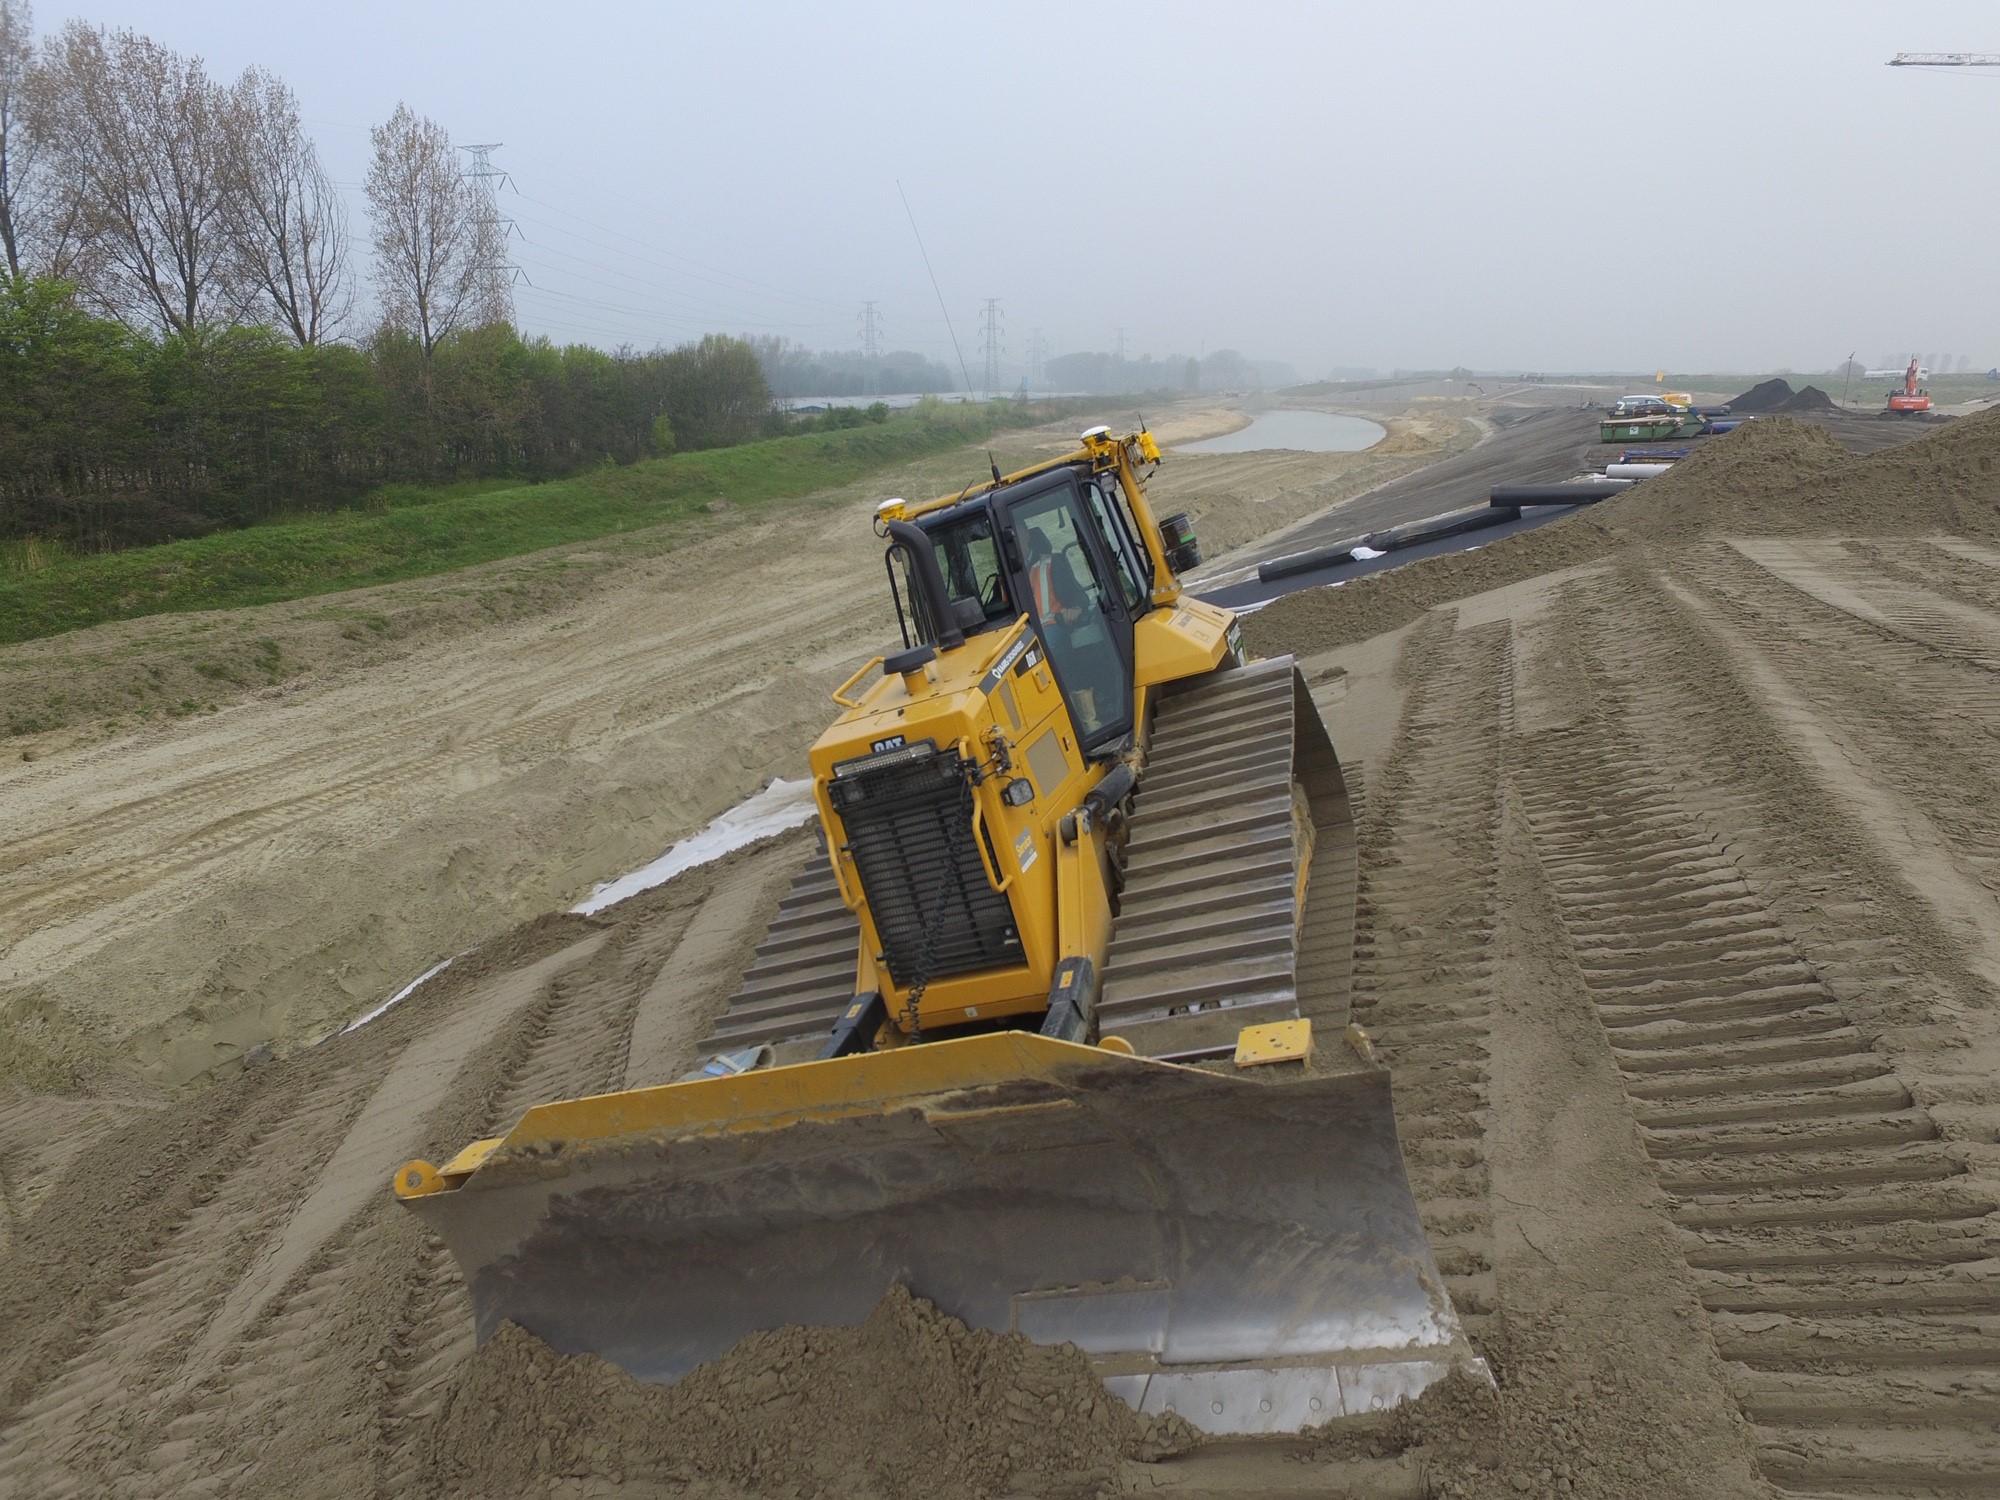 De bulldozer aan het werk op het knooppunt Sloeweg, mei 2019